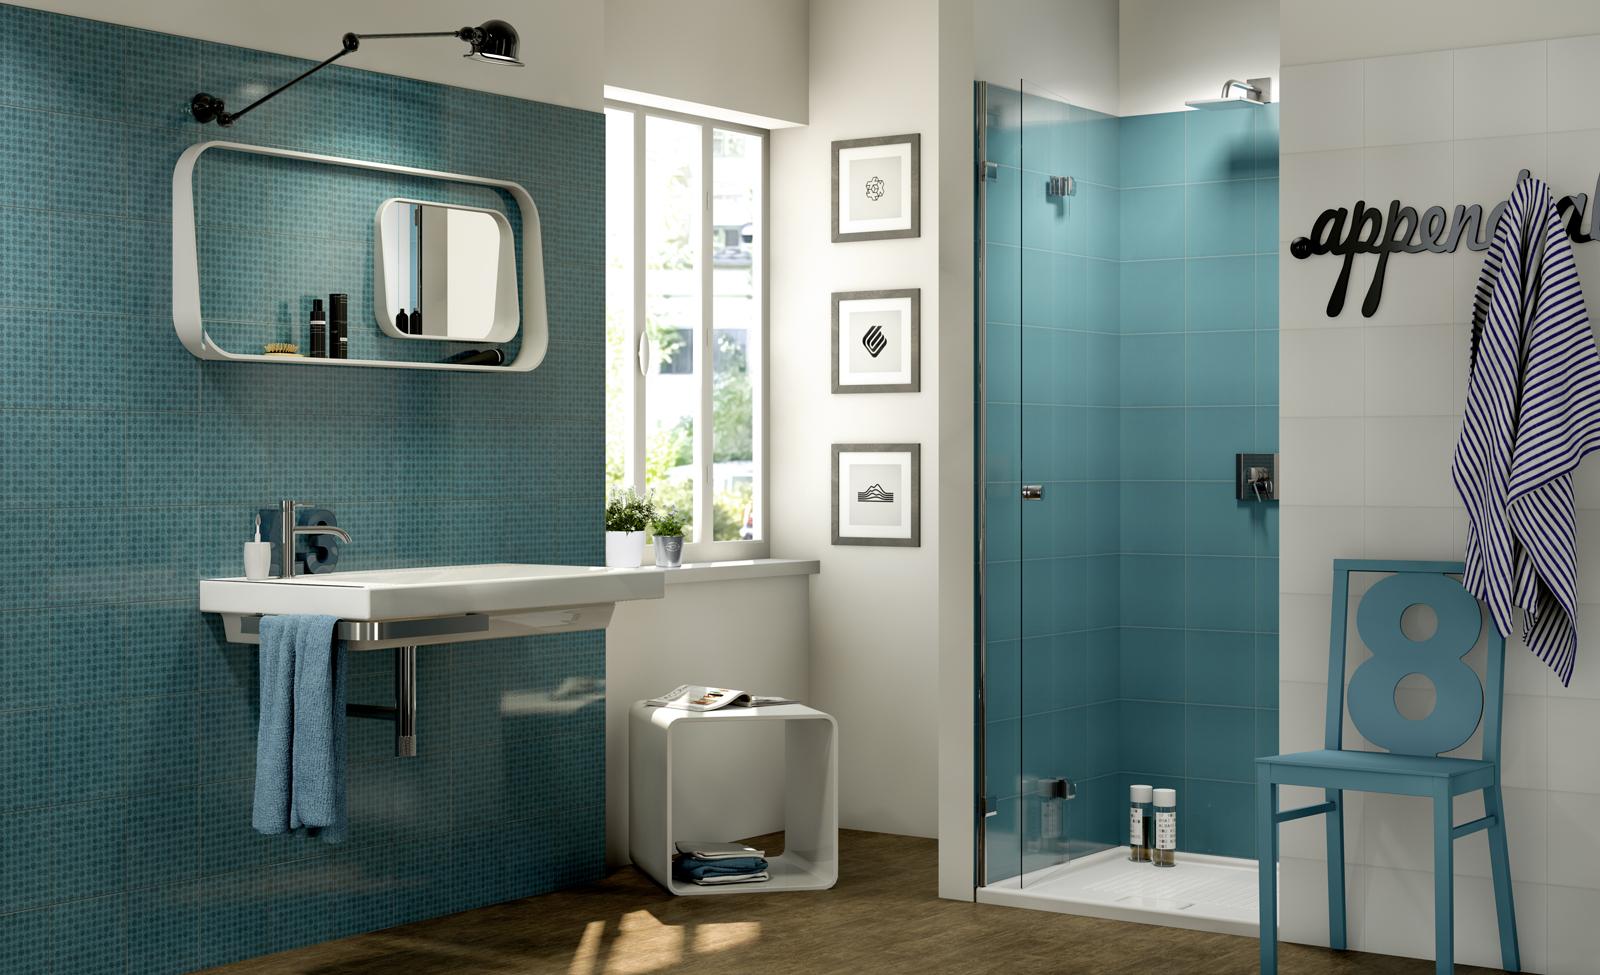 Rivestimento Bagno Verde Mela : Piastrelle verdi per bagno interno di casa smepool